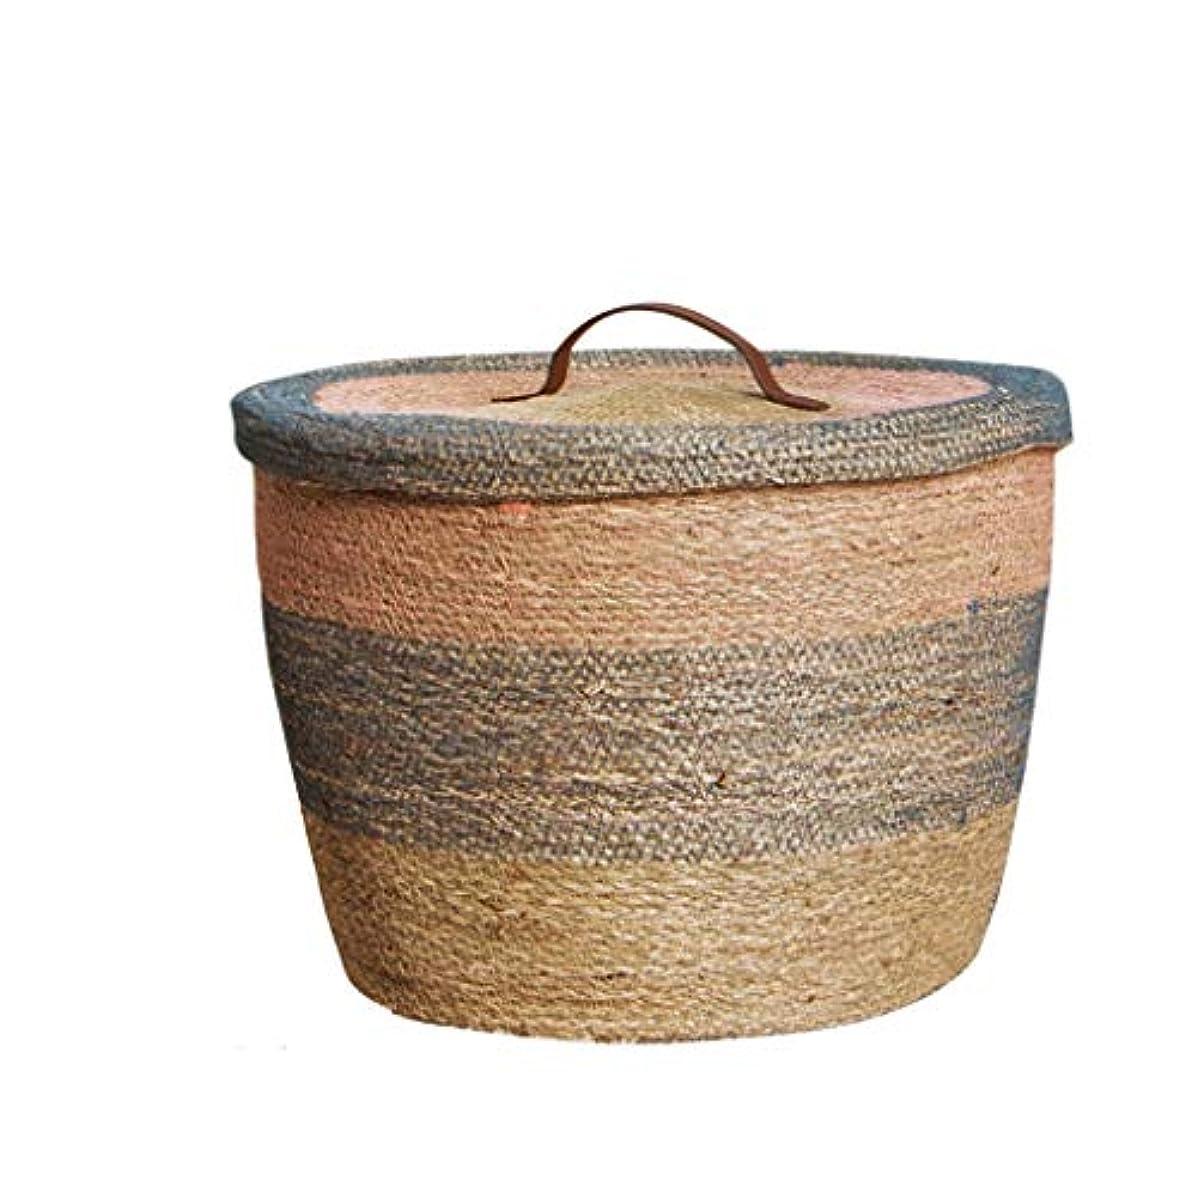 水を飲む包括的エージェントQYSZYG 屋根付き収納バスケット、スナックのおもちゃデスクトップ収納ボックス、水草織り 収納バスケット (サイズ さいず : B)